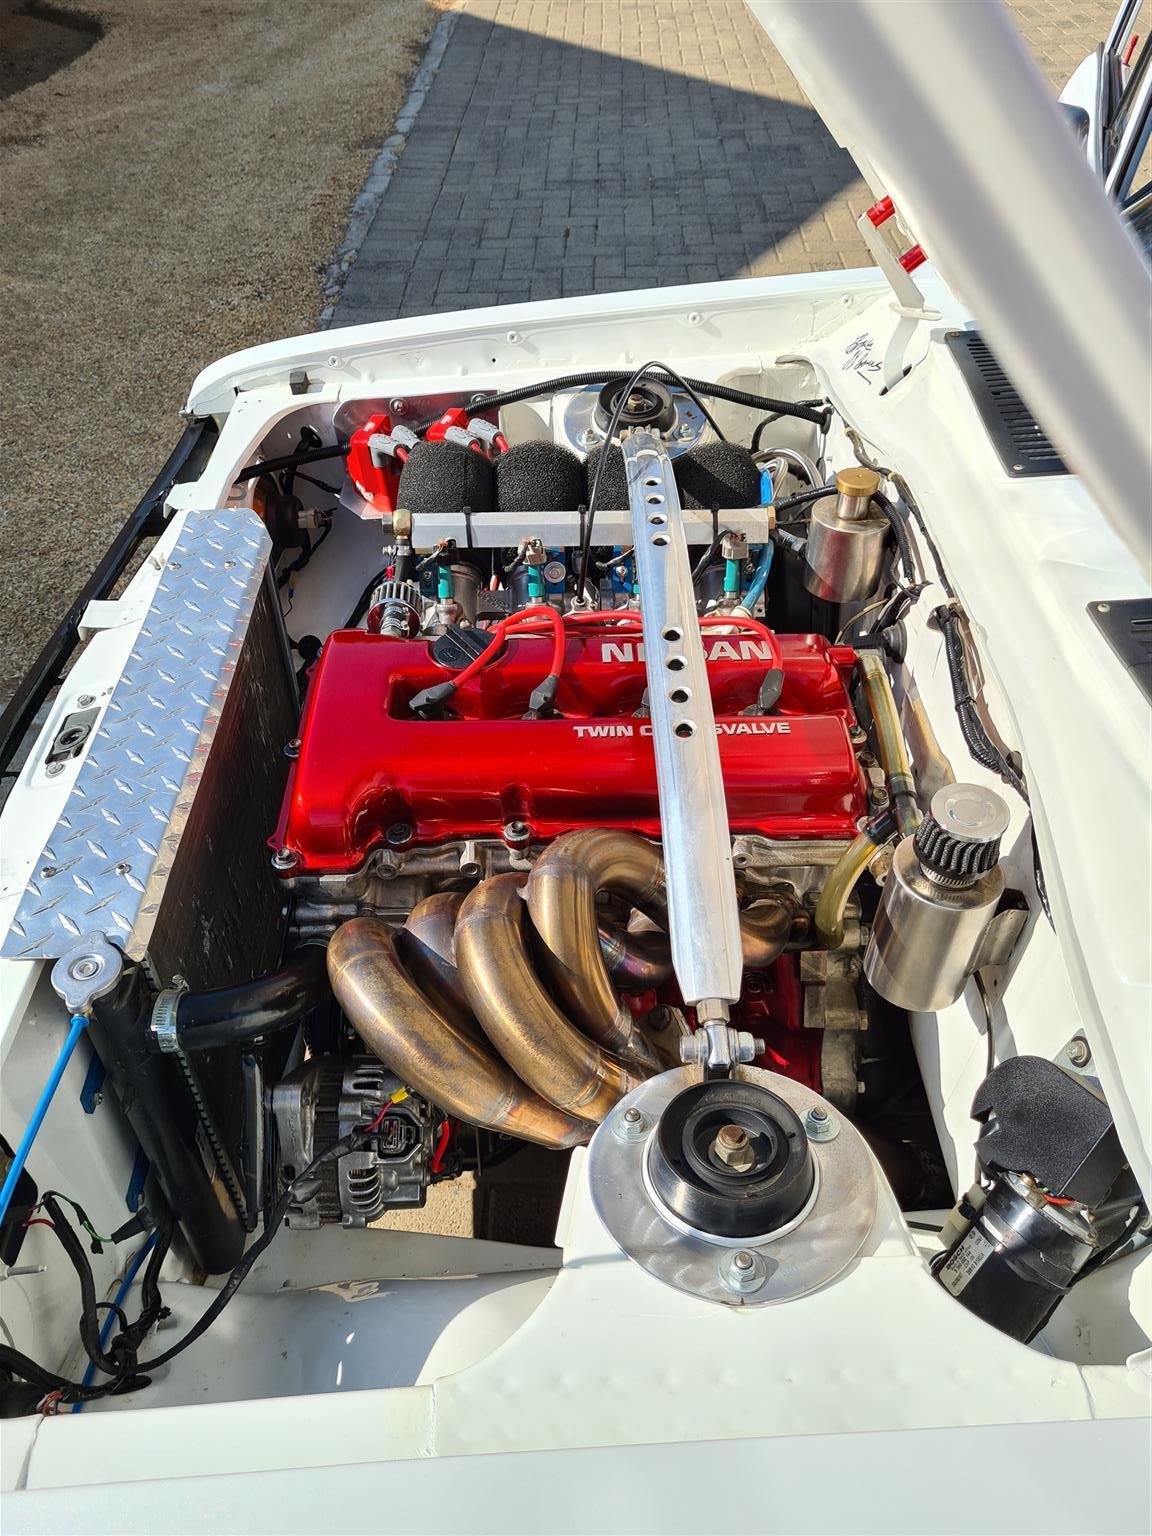 Nissan 1400 Sr20de for sale